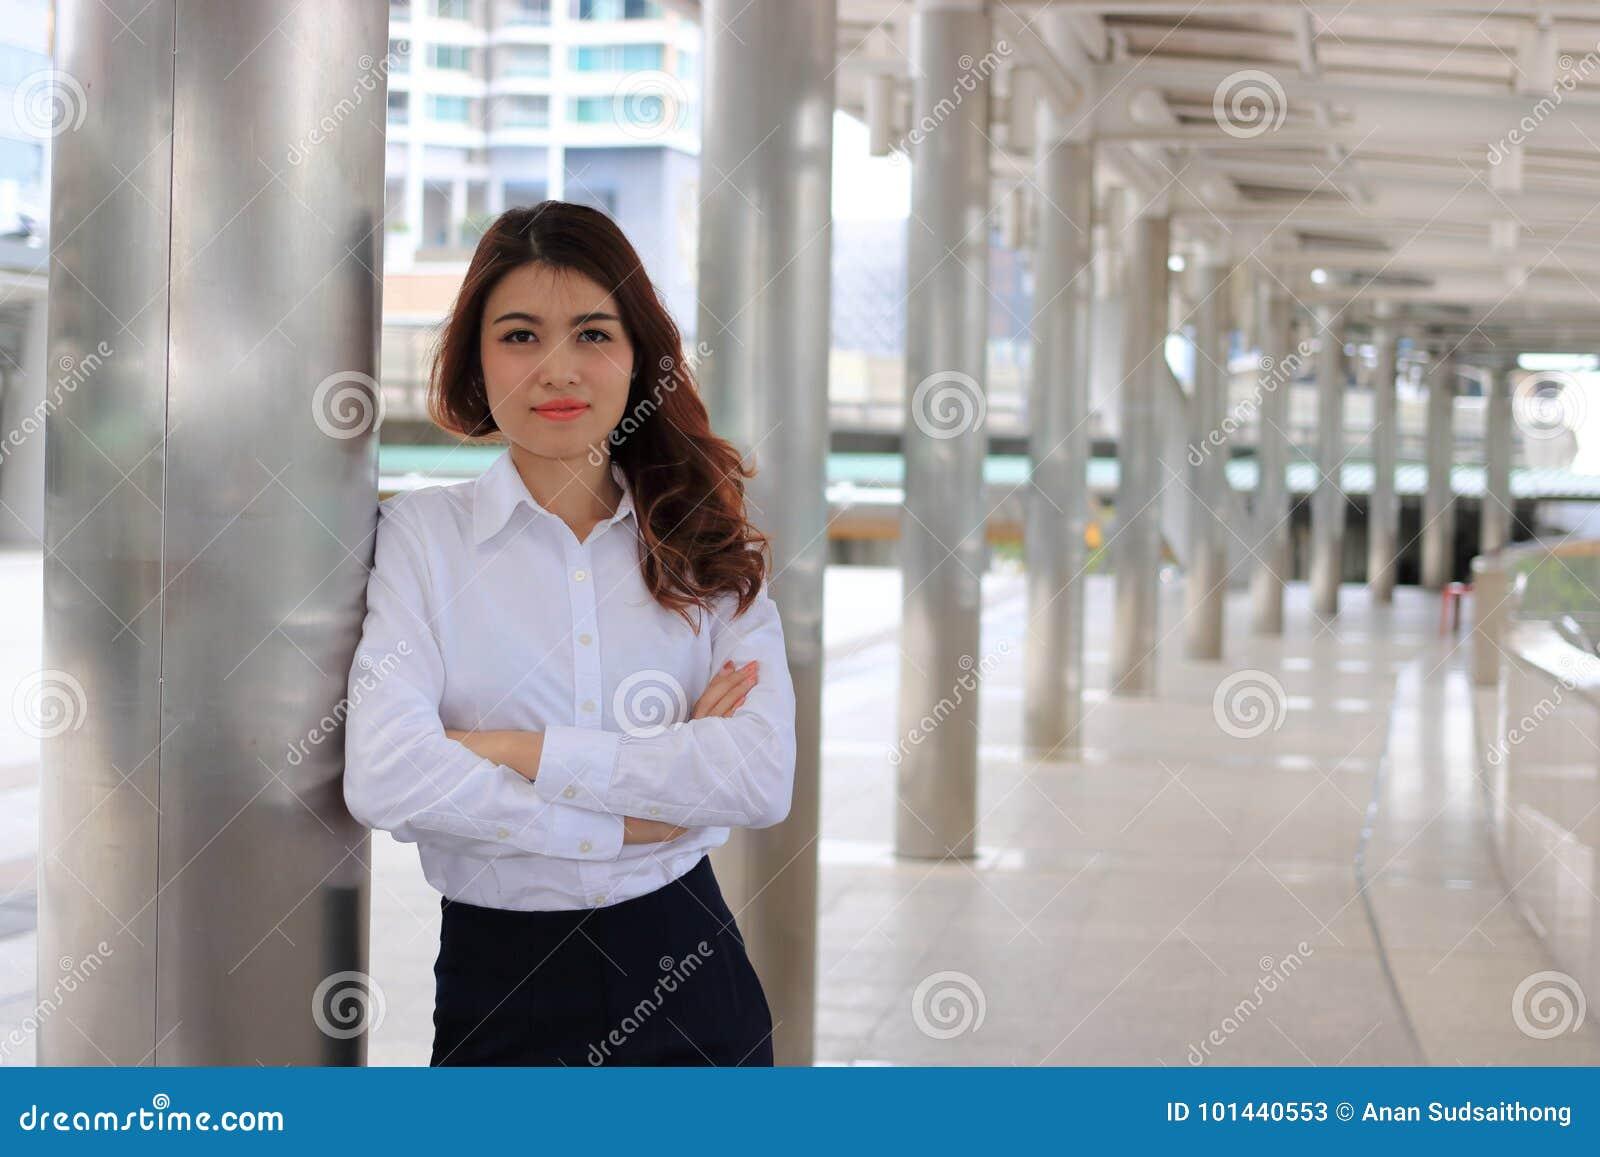 Portrait de la jeune femme asiatique attirante d affaires se penchant un poteau à l arrière-plan urbain de bâtiment